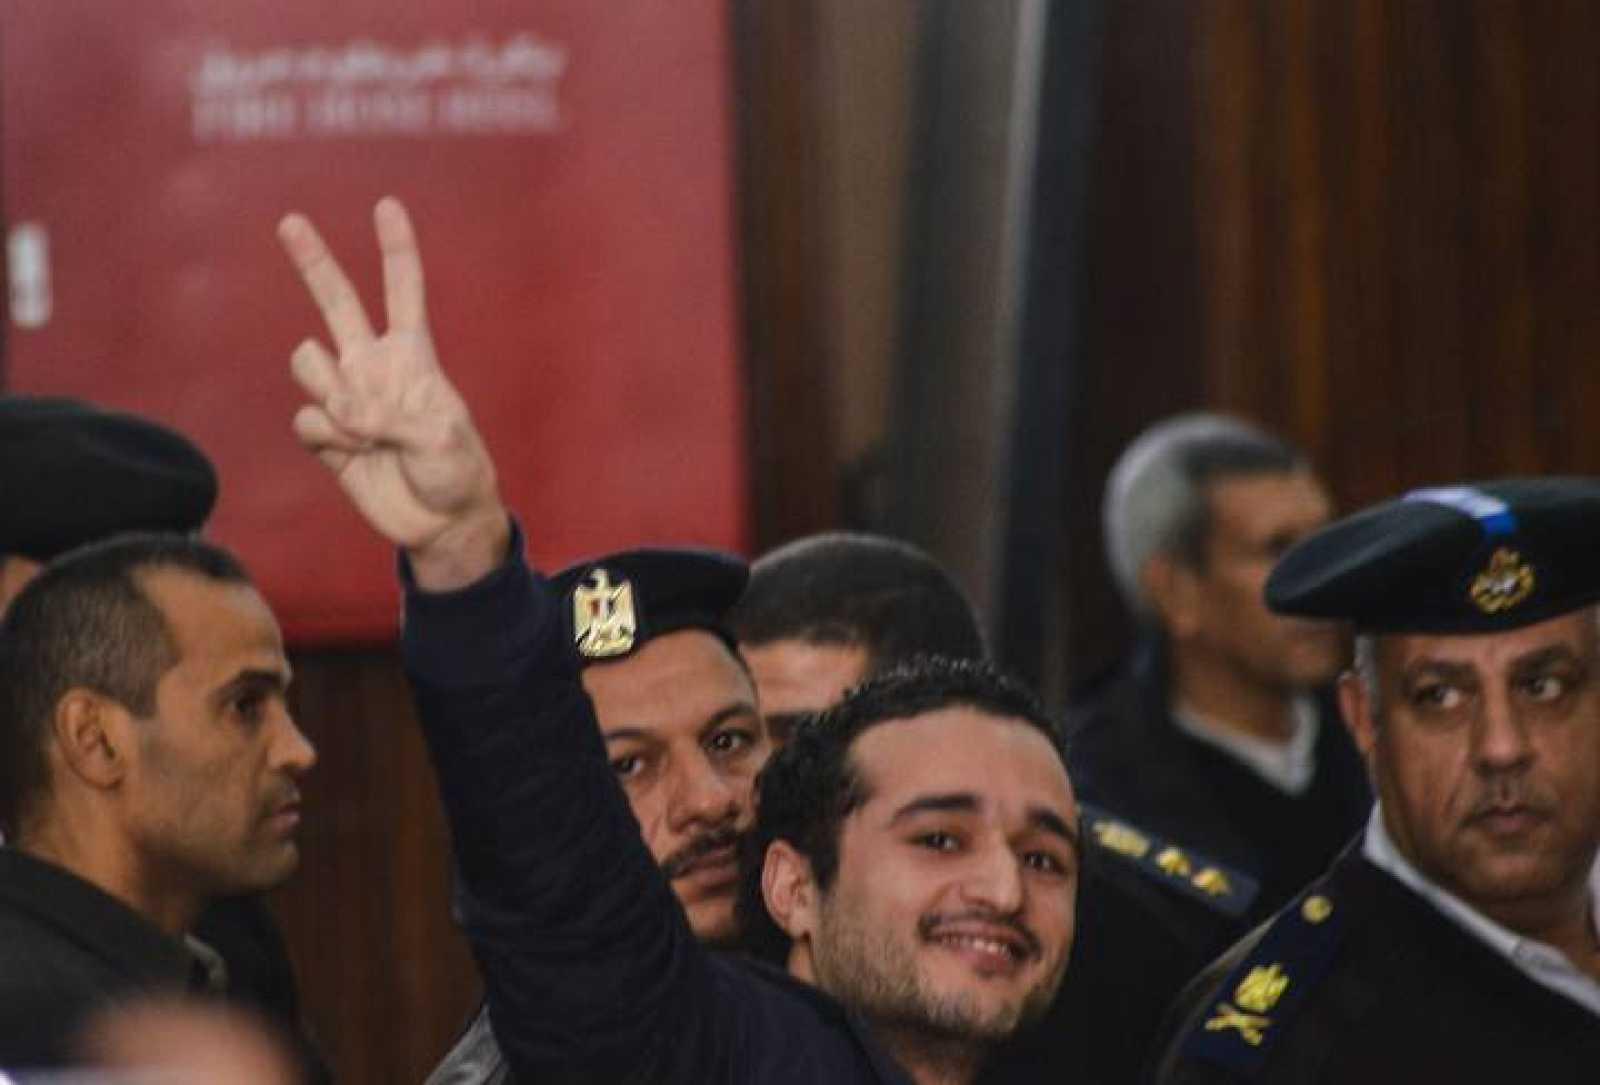 El activista Ahmed Douma hace la señal de la victoria durante el juicio en el que ha sido condenado a cadena perpetua.